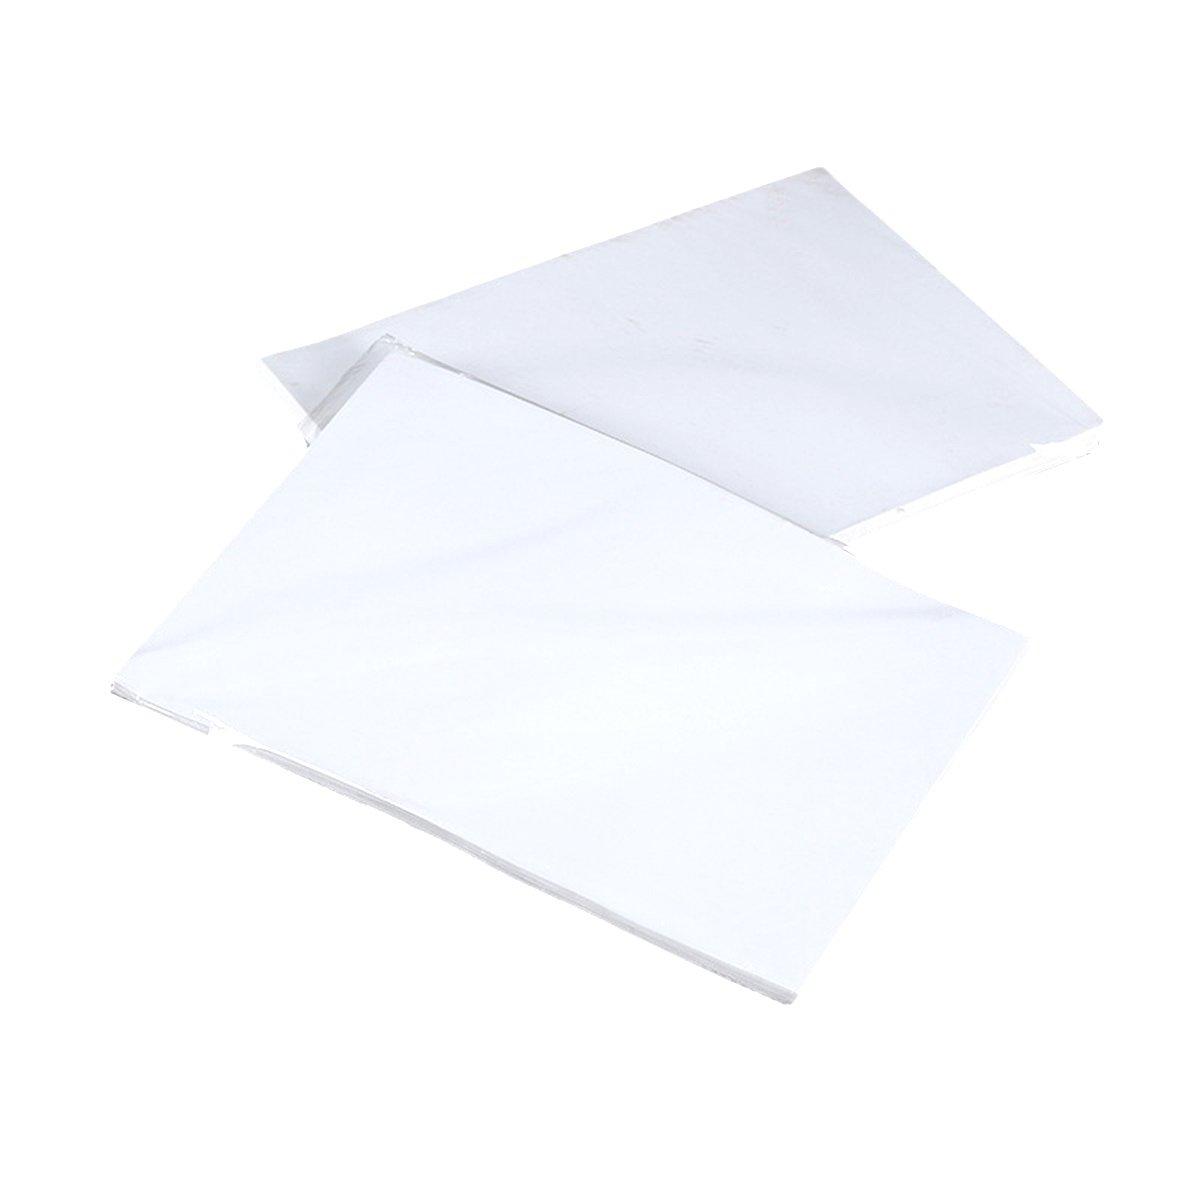 Biglietti Vuoti da 300 g//mq con Bordo Smerlato e Buste abbinate 13 x 18 cm Papermania Dimensioni: ca Confezione da 12 Colore Bianco